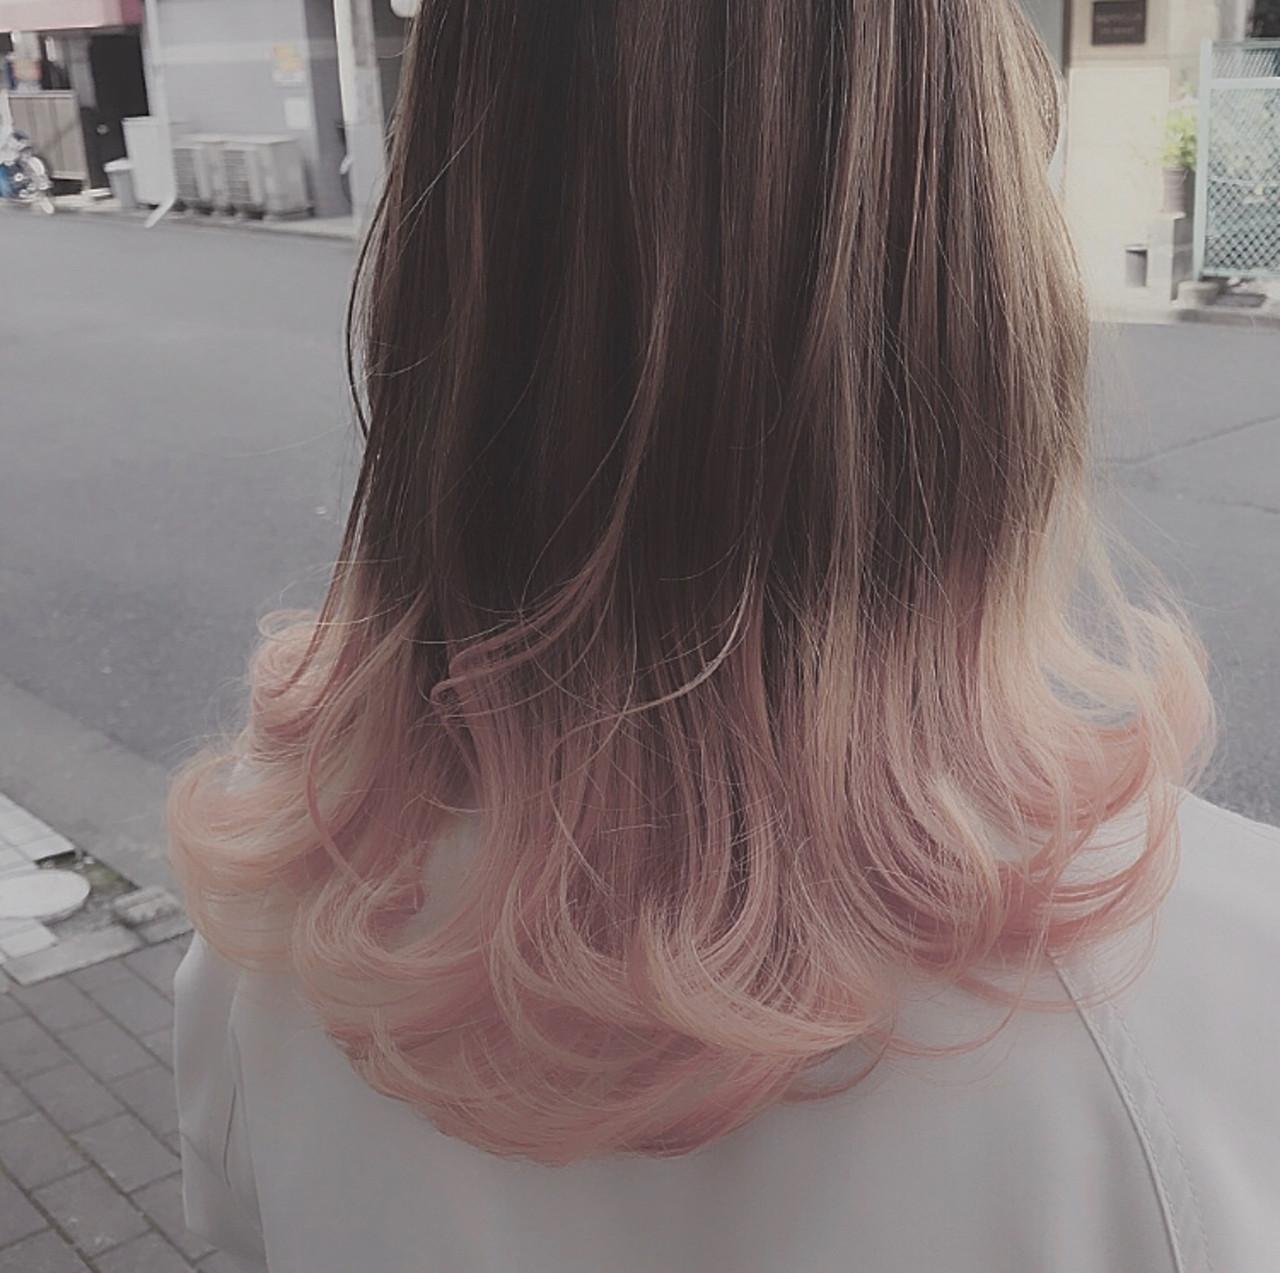 ピンクベージュ ハイトーンカラー ピンクアッシュ グラデーションカラー ヘアスタイルや髪型の写真・画像